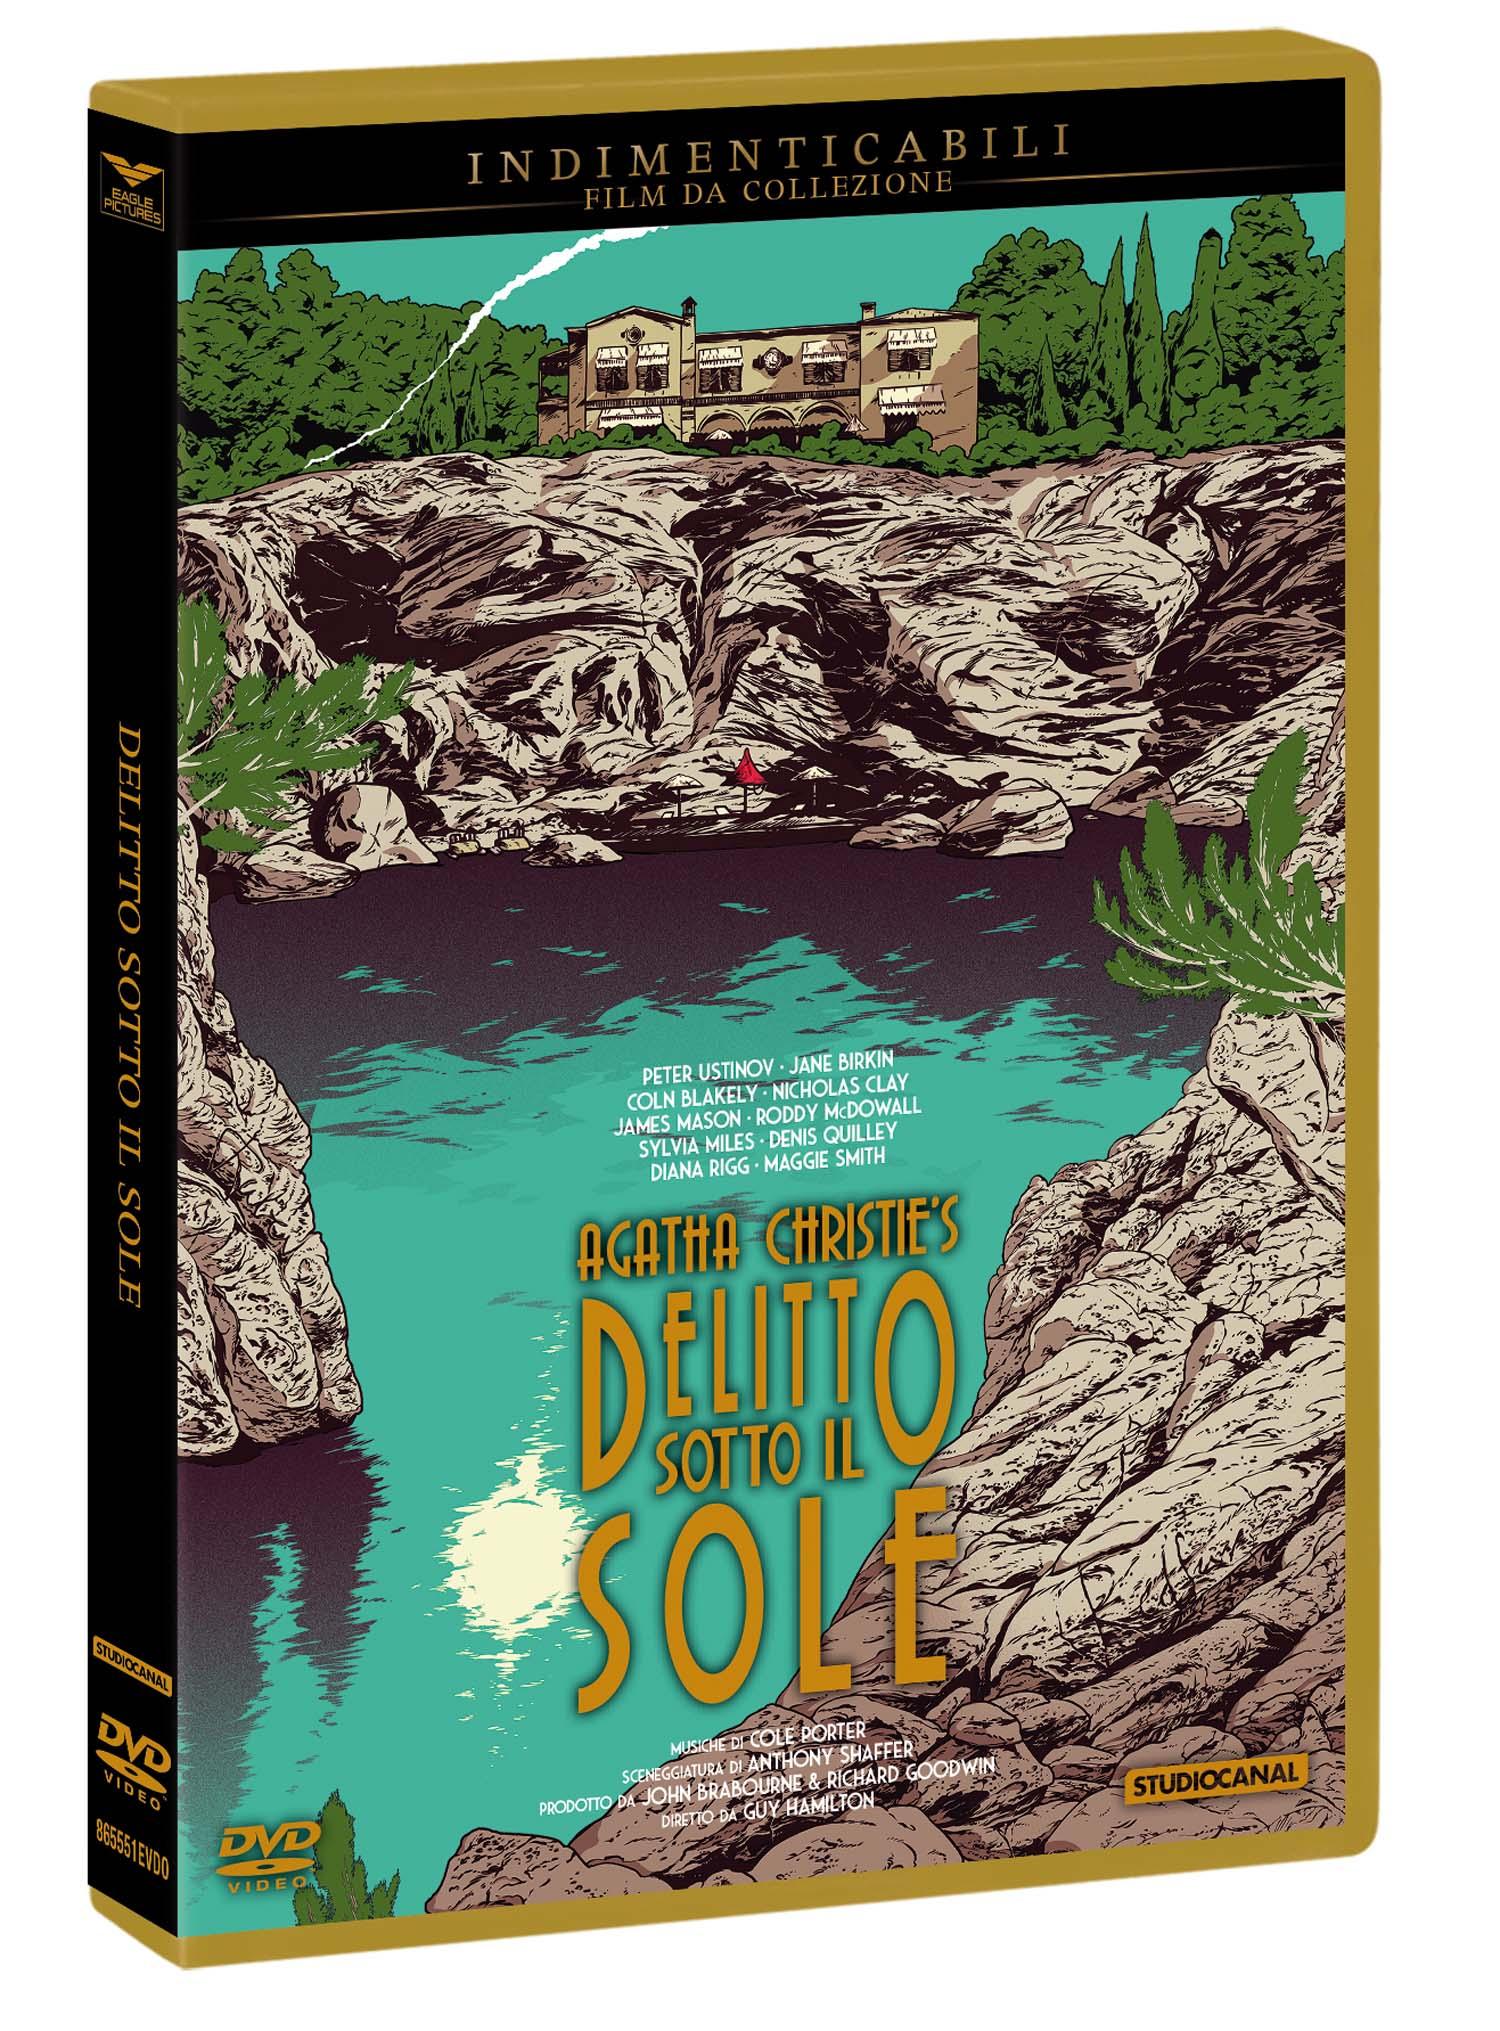 DELITTO SOTTO IL SOLE (INDIMENTICABILI) (DVD)